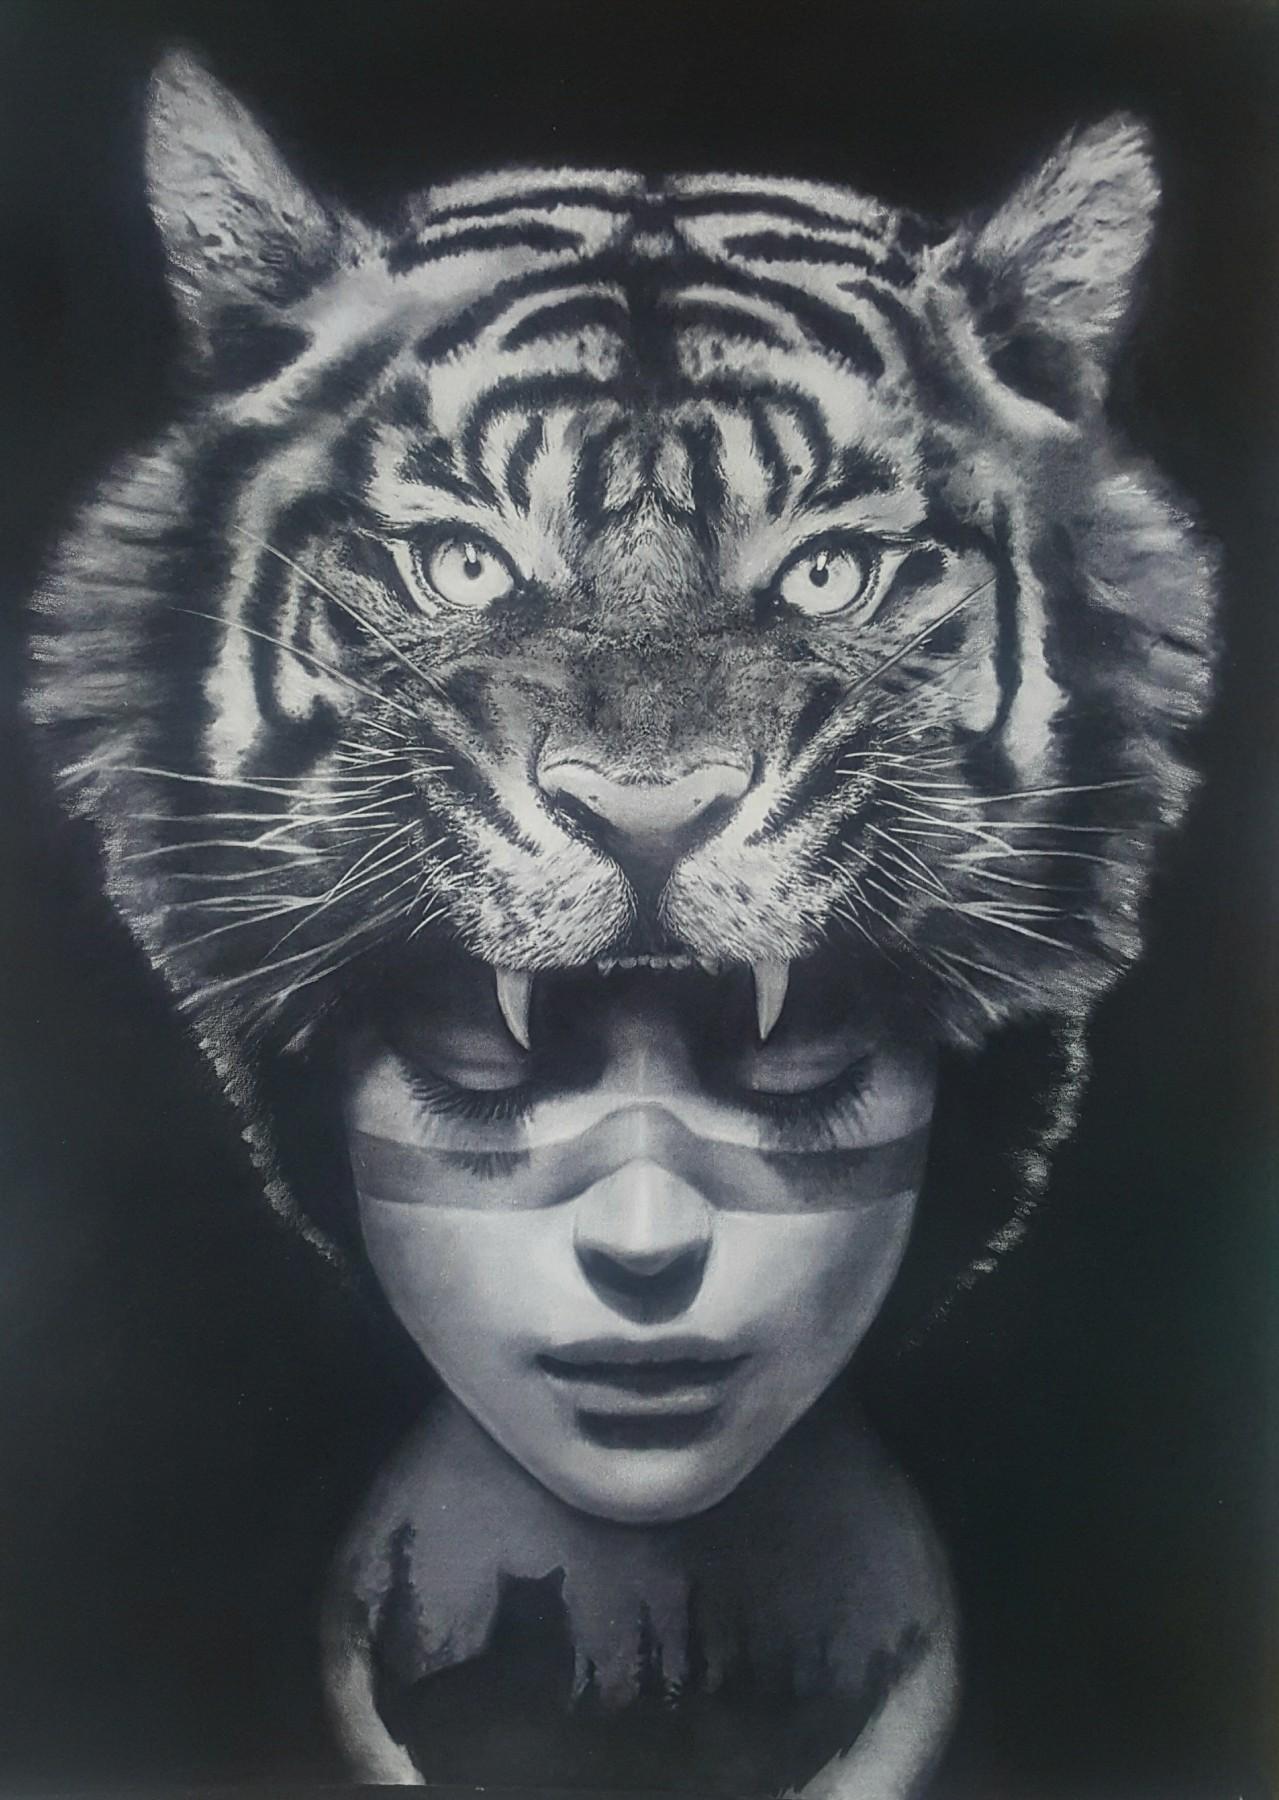 Tigre_1600906146.jpg